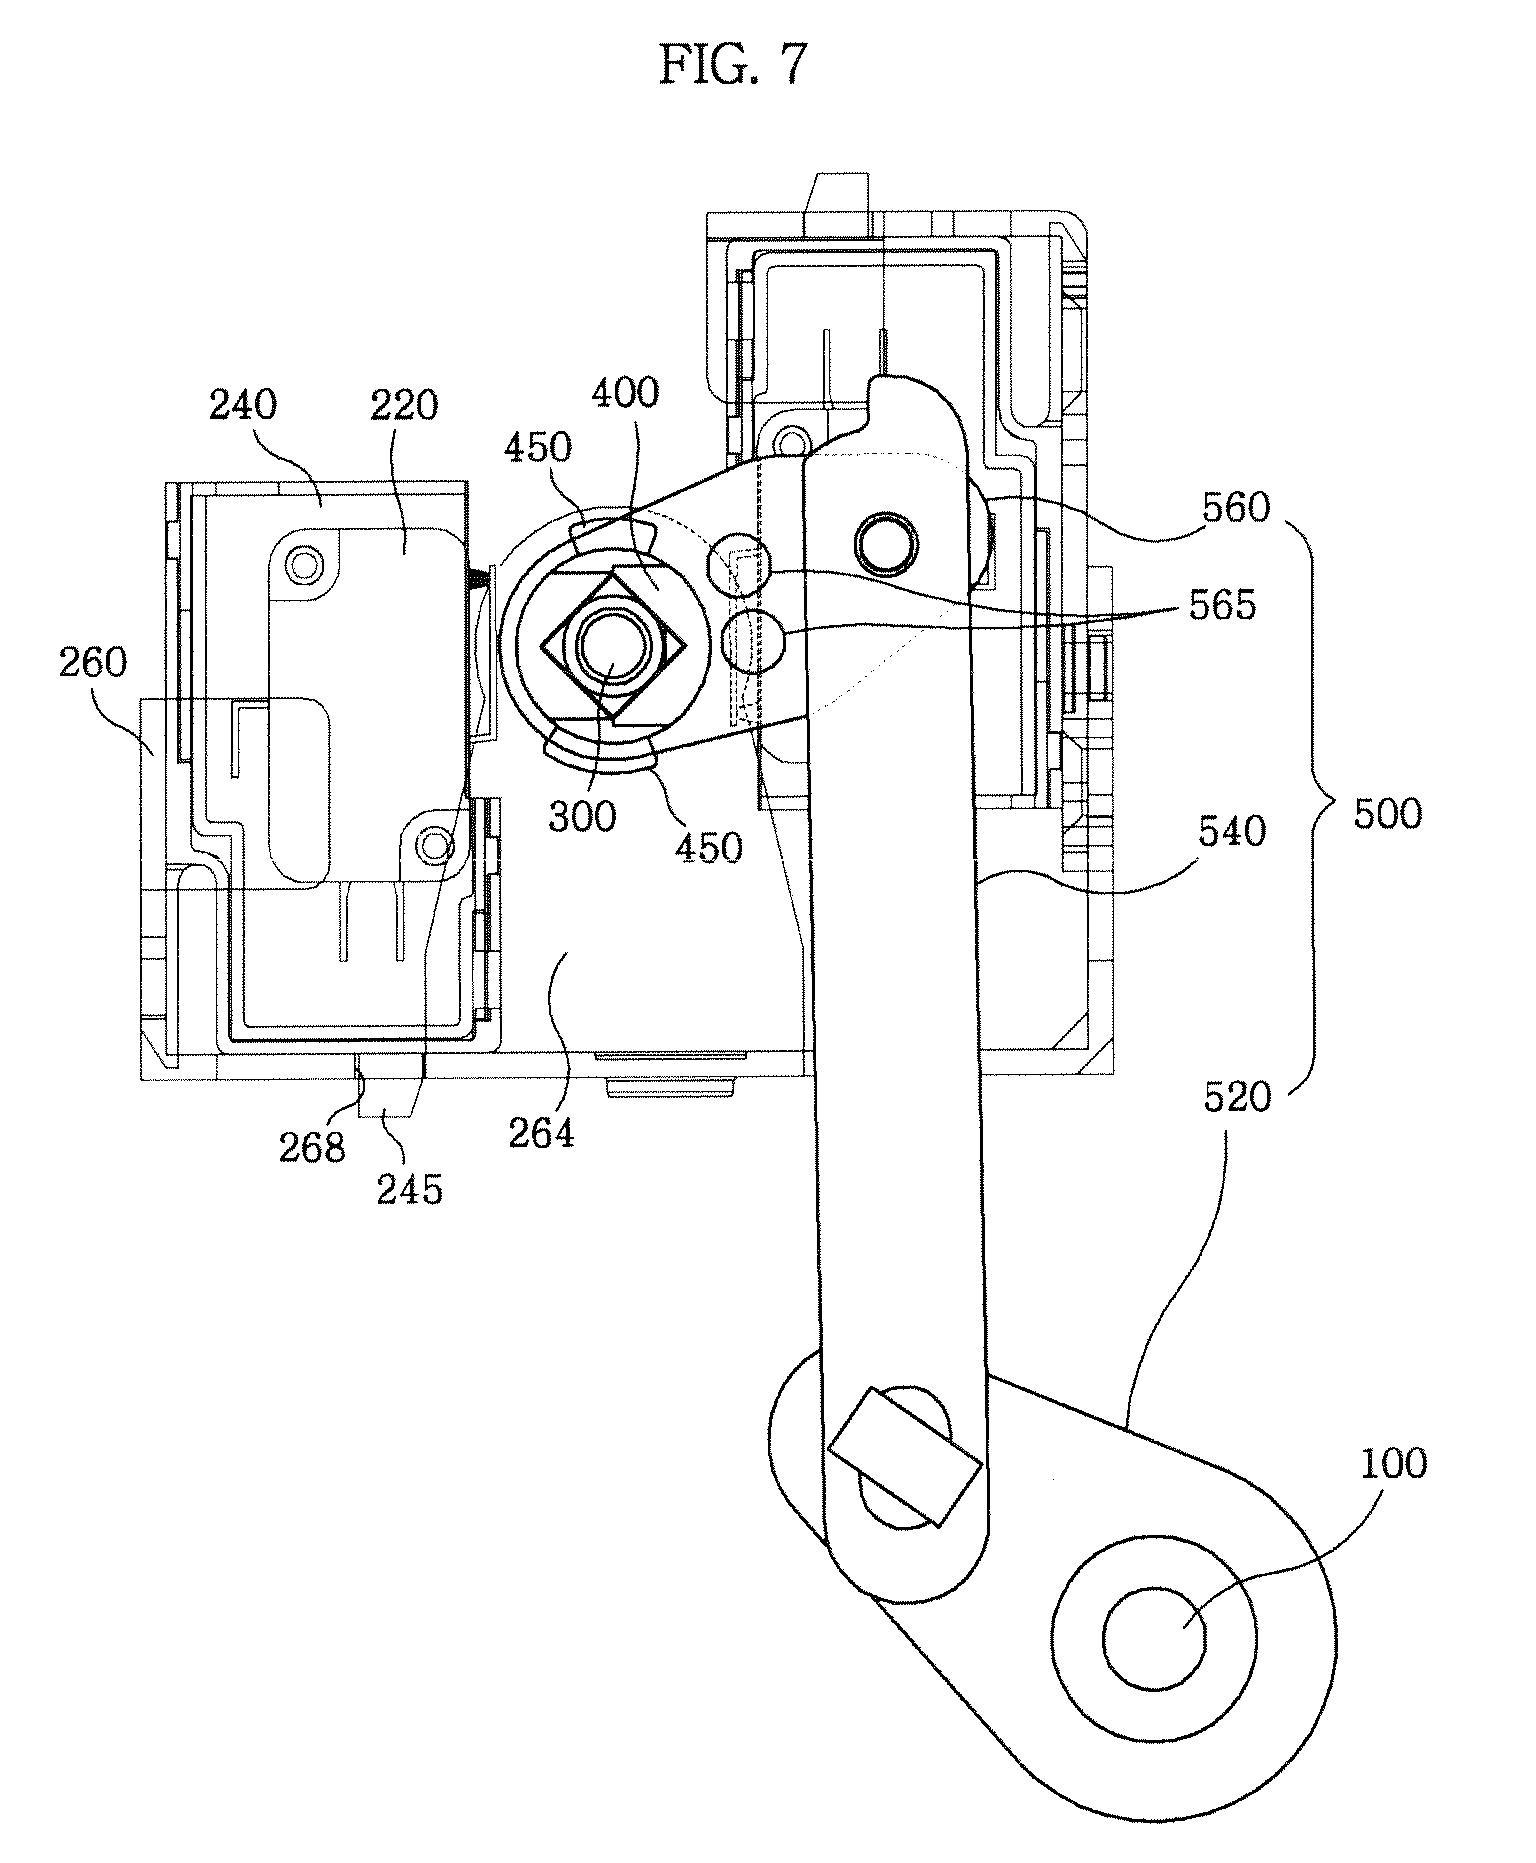 patent us7973622